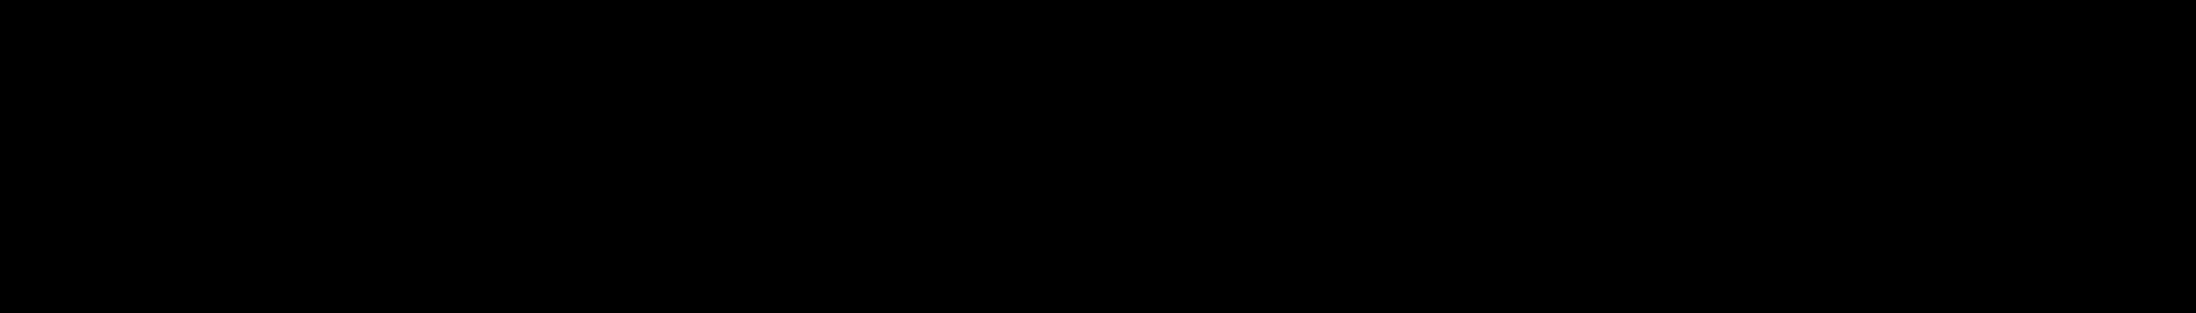 טוטון מיניסייט - לוגו ראשי